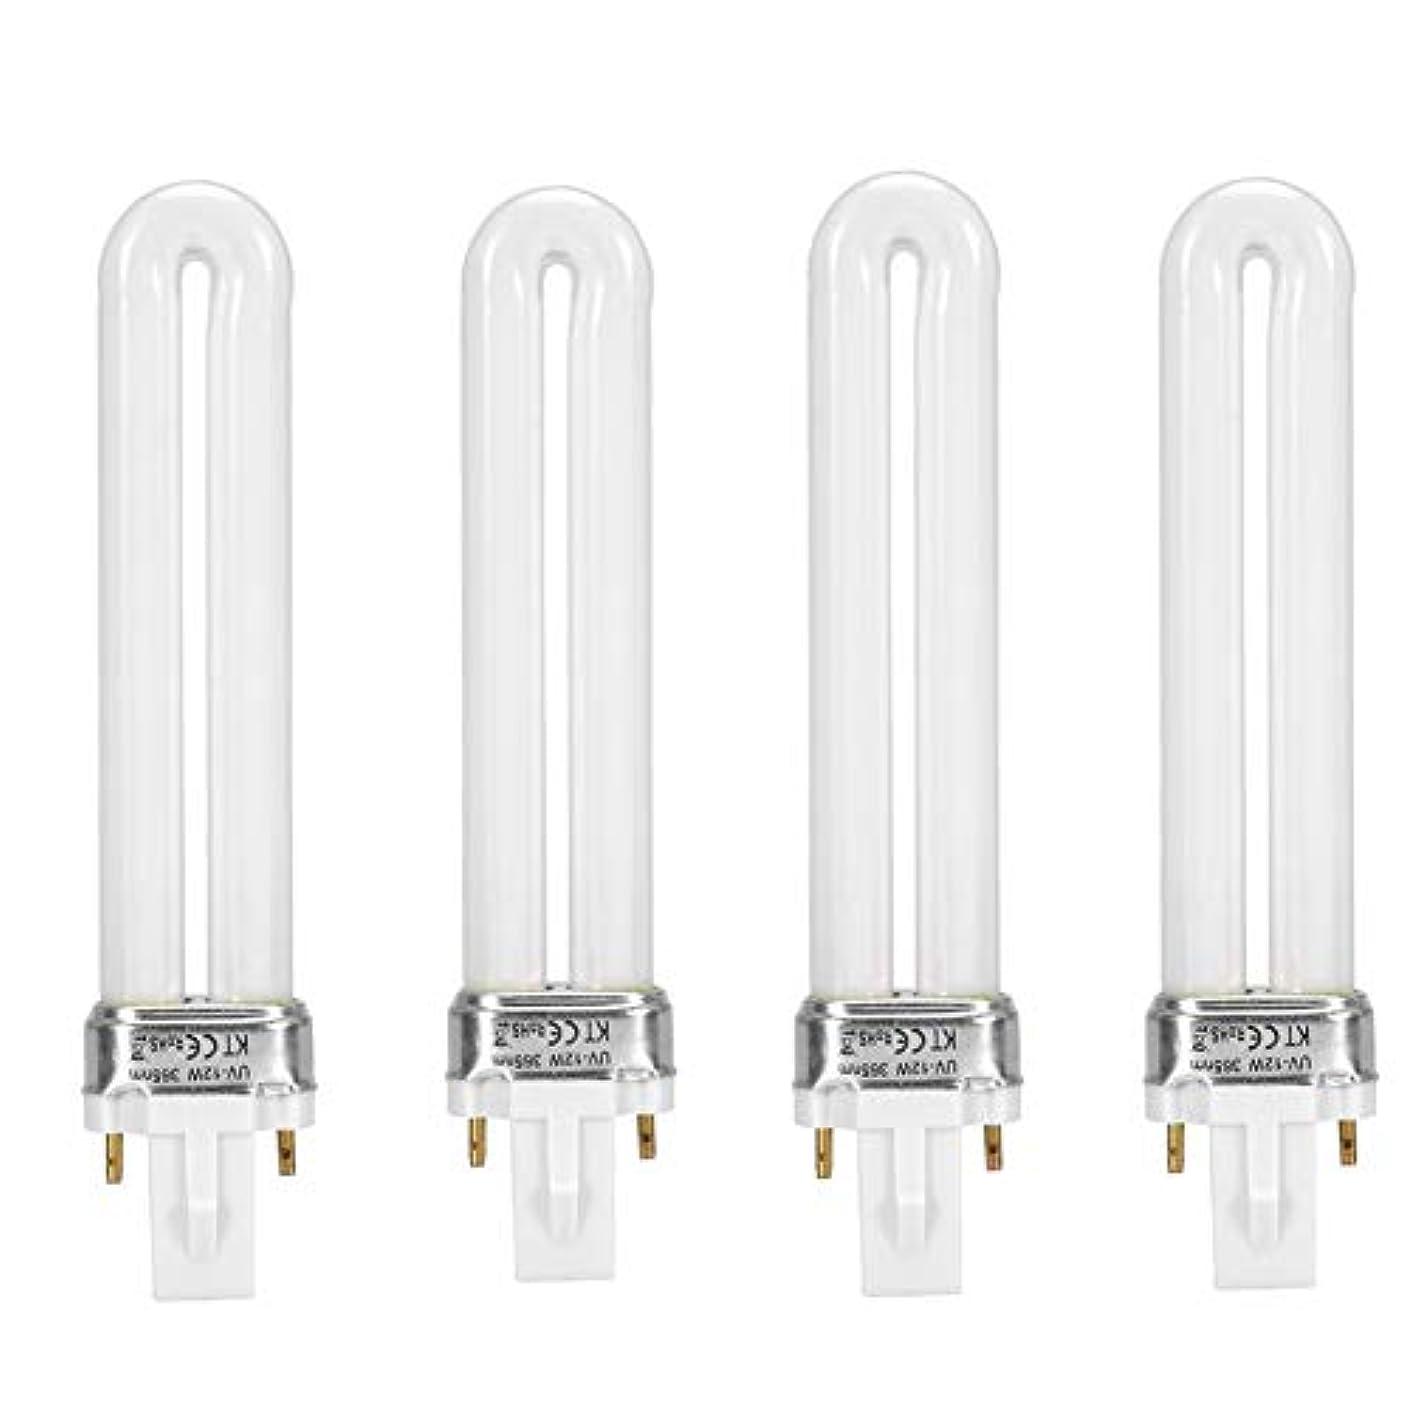 アデレード透過性バウンドUVライト 交換用電球 UVランプ 4本セット